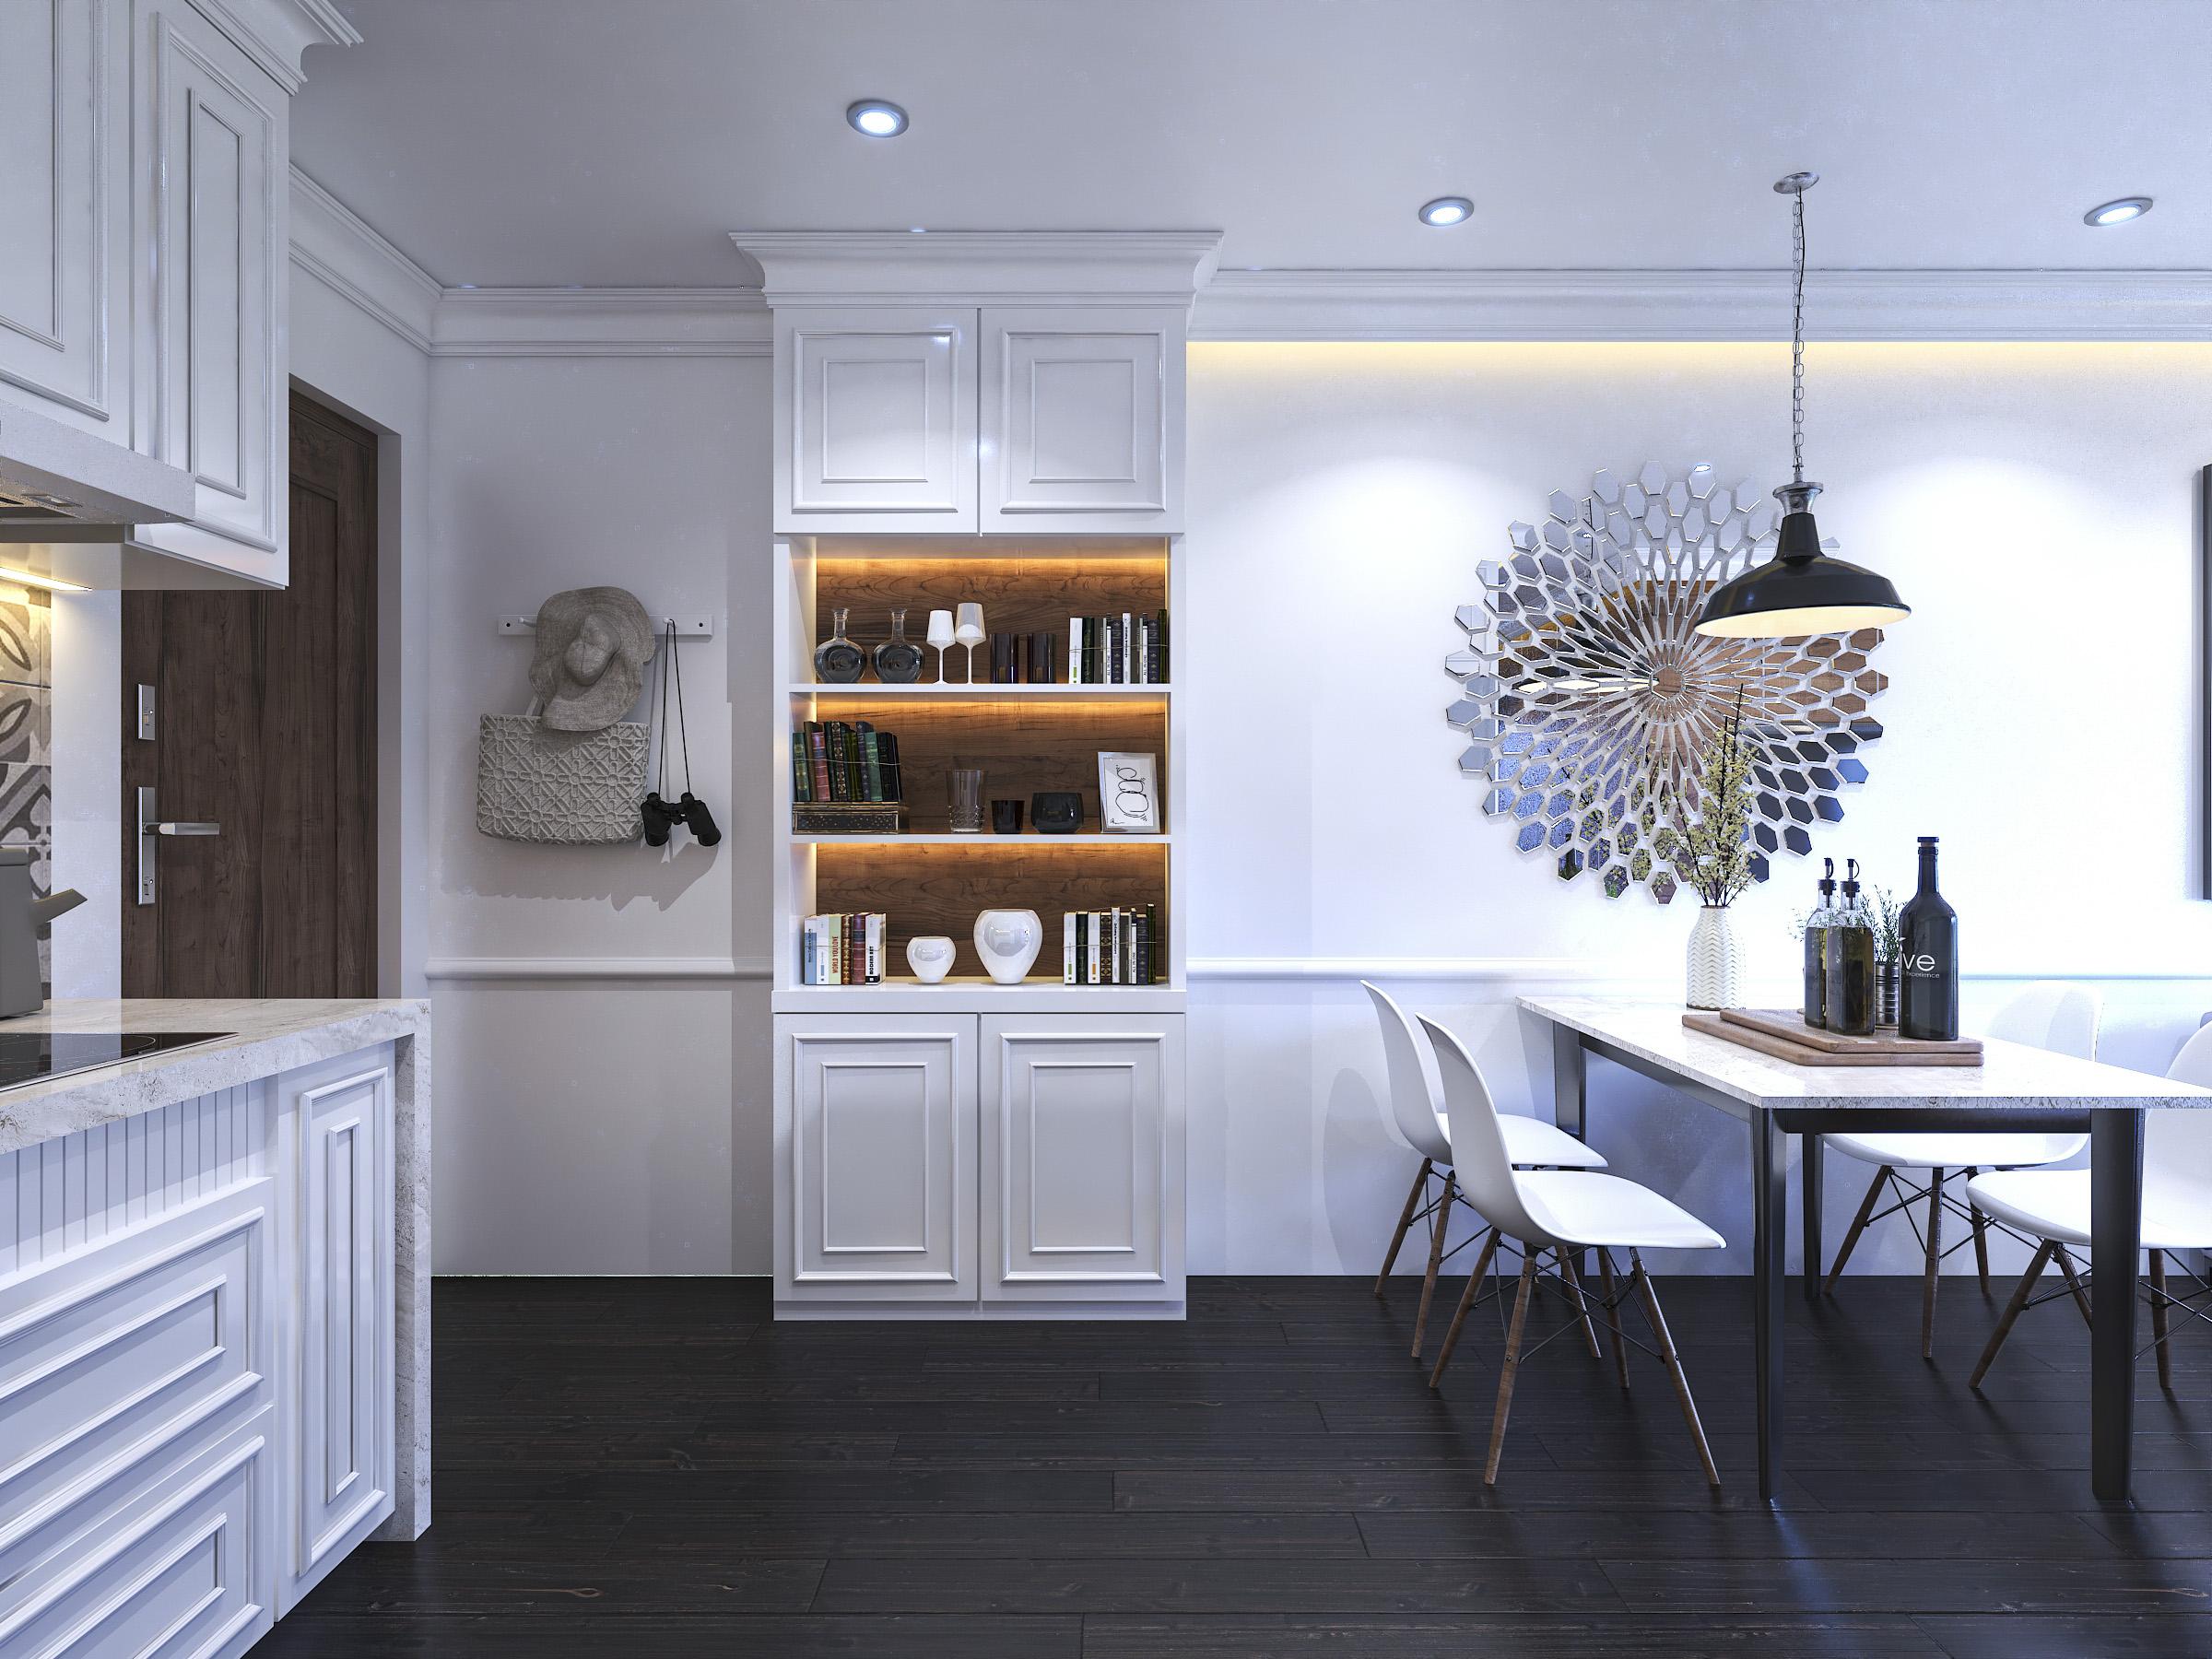 Thiết kế nội thất Chung Cư tại Hồ Chí Minh Ms Liên's Apartment 1592323879 1